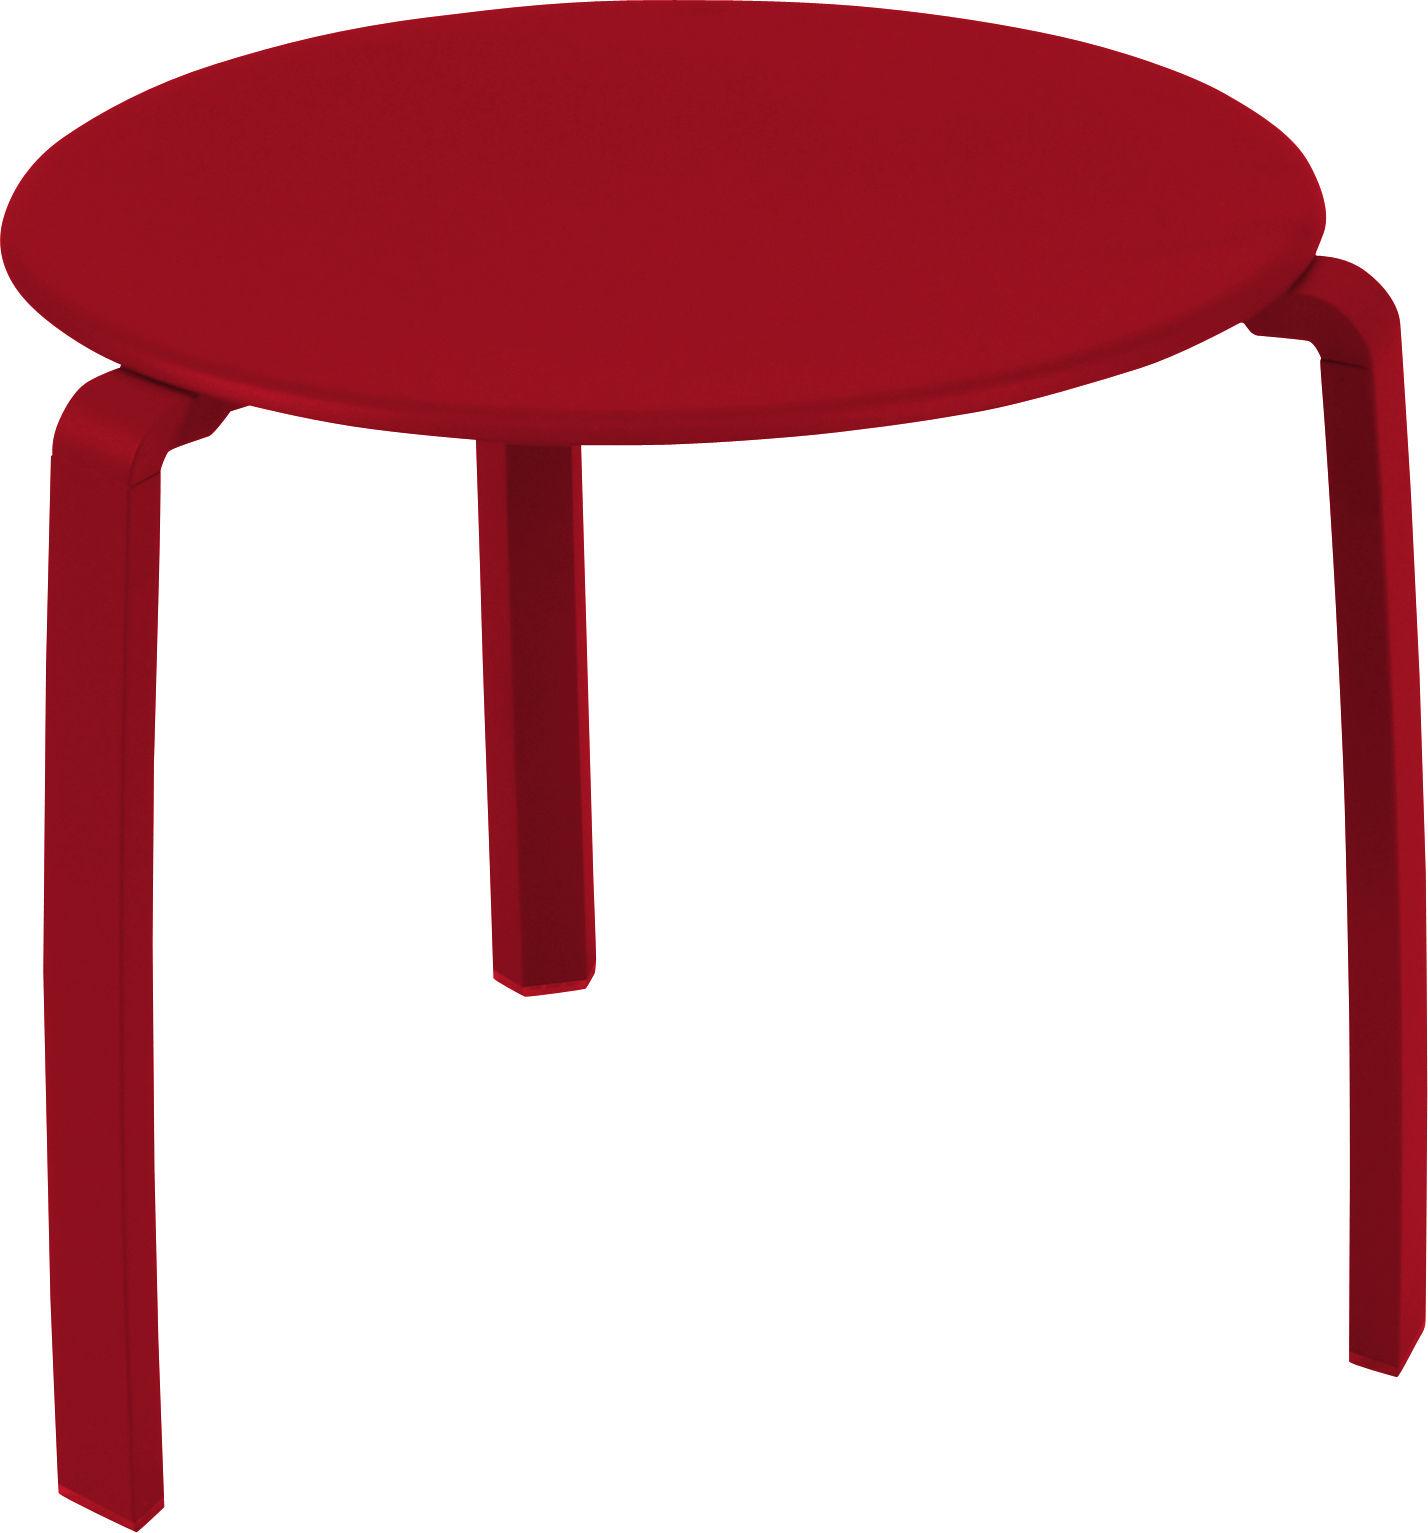 Mobilier - Tables basses - Table basse Alizé - Fermob - Piment - Aluminium